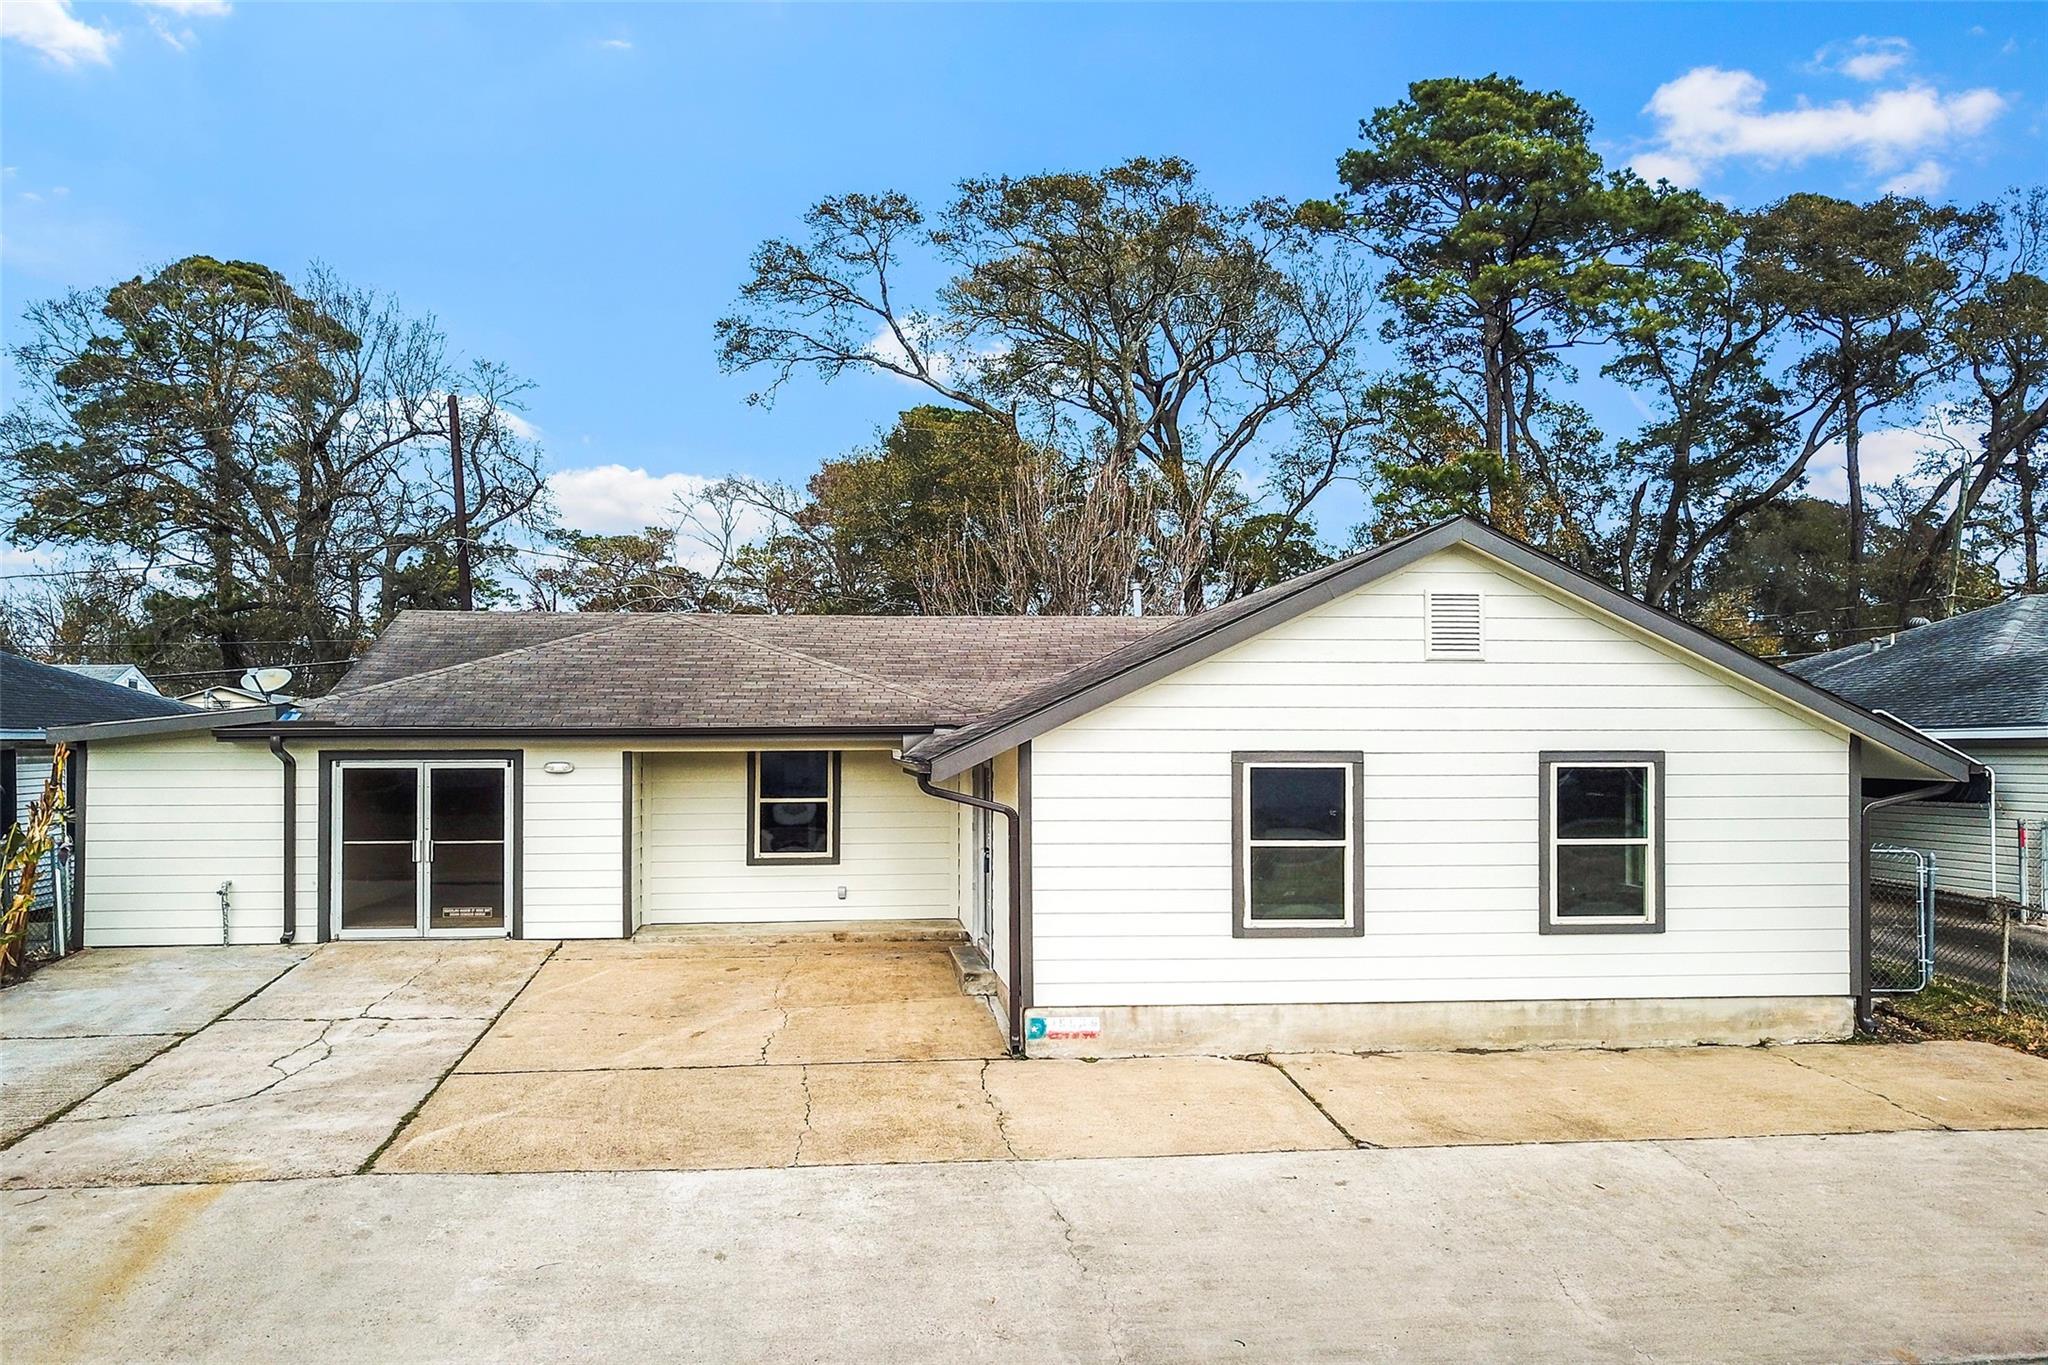 15605 Woodforest Boulevard #1 Property Photo